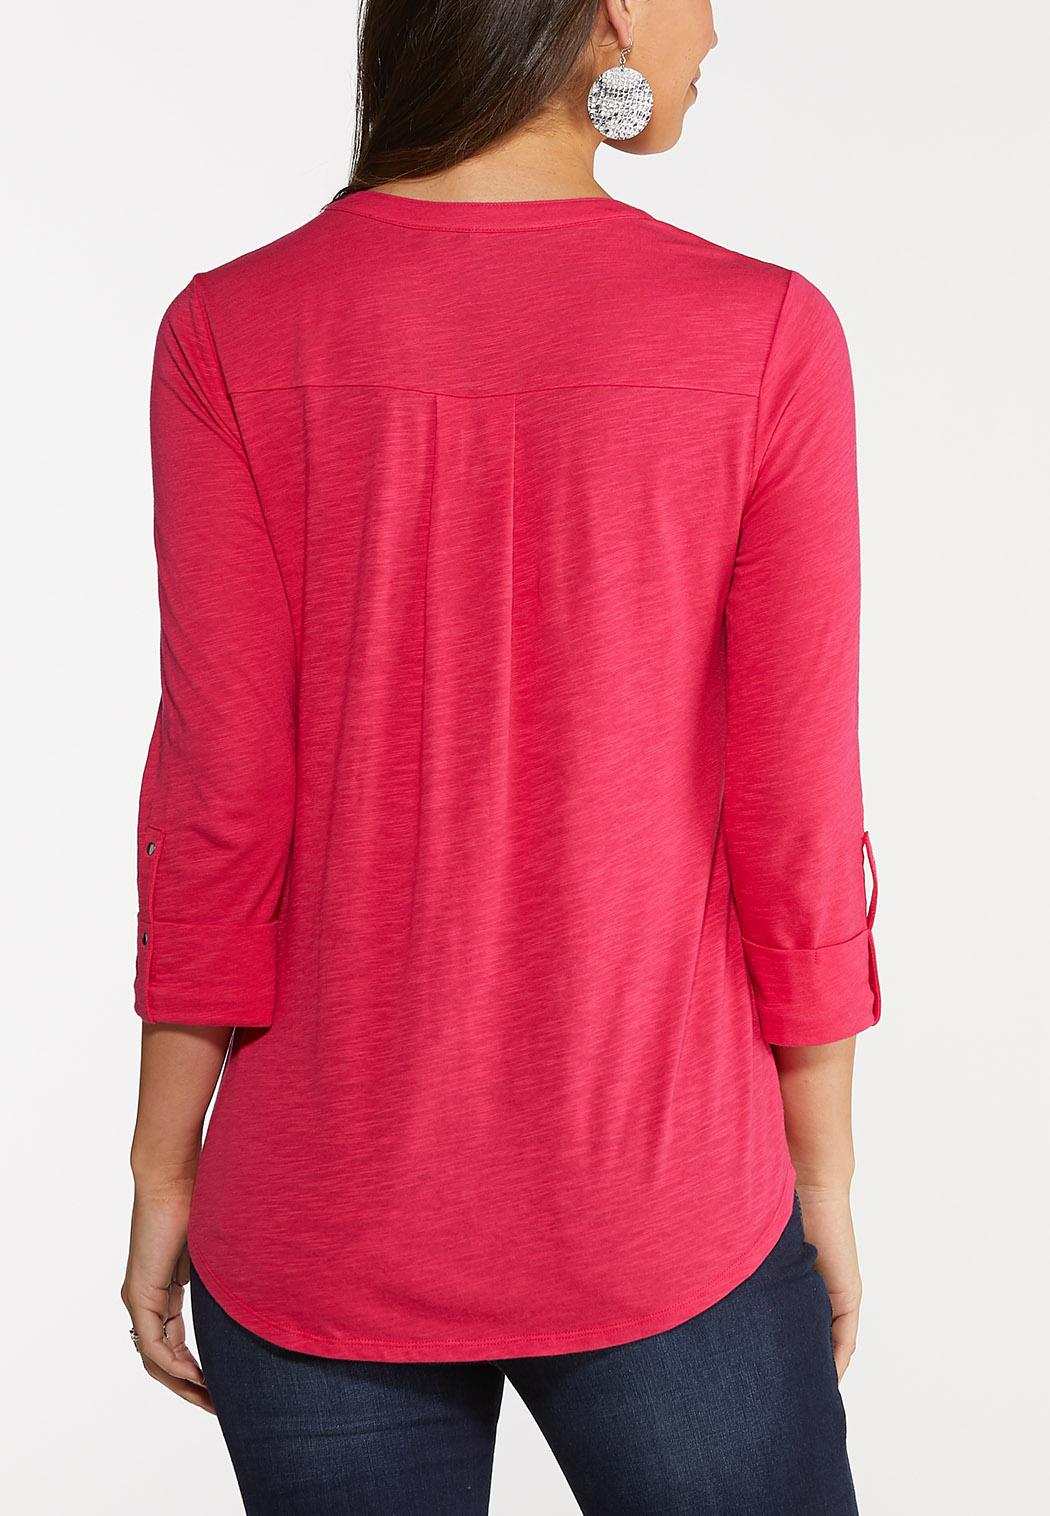 Plus Size Lace Up Pocket Top (Item #44007994)